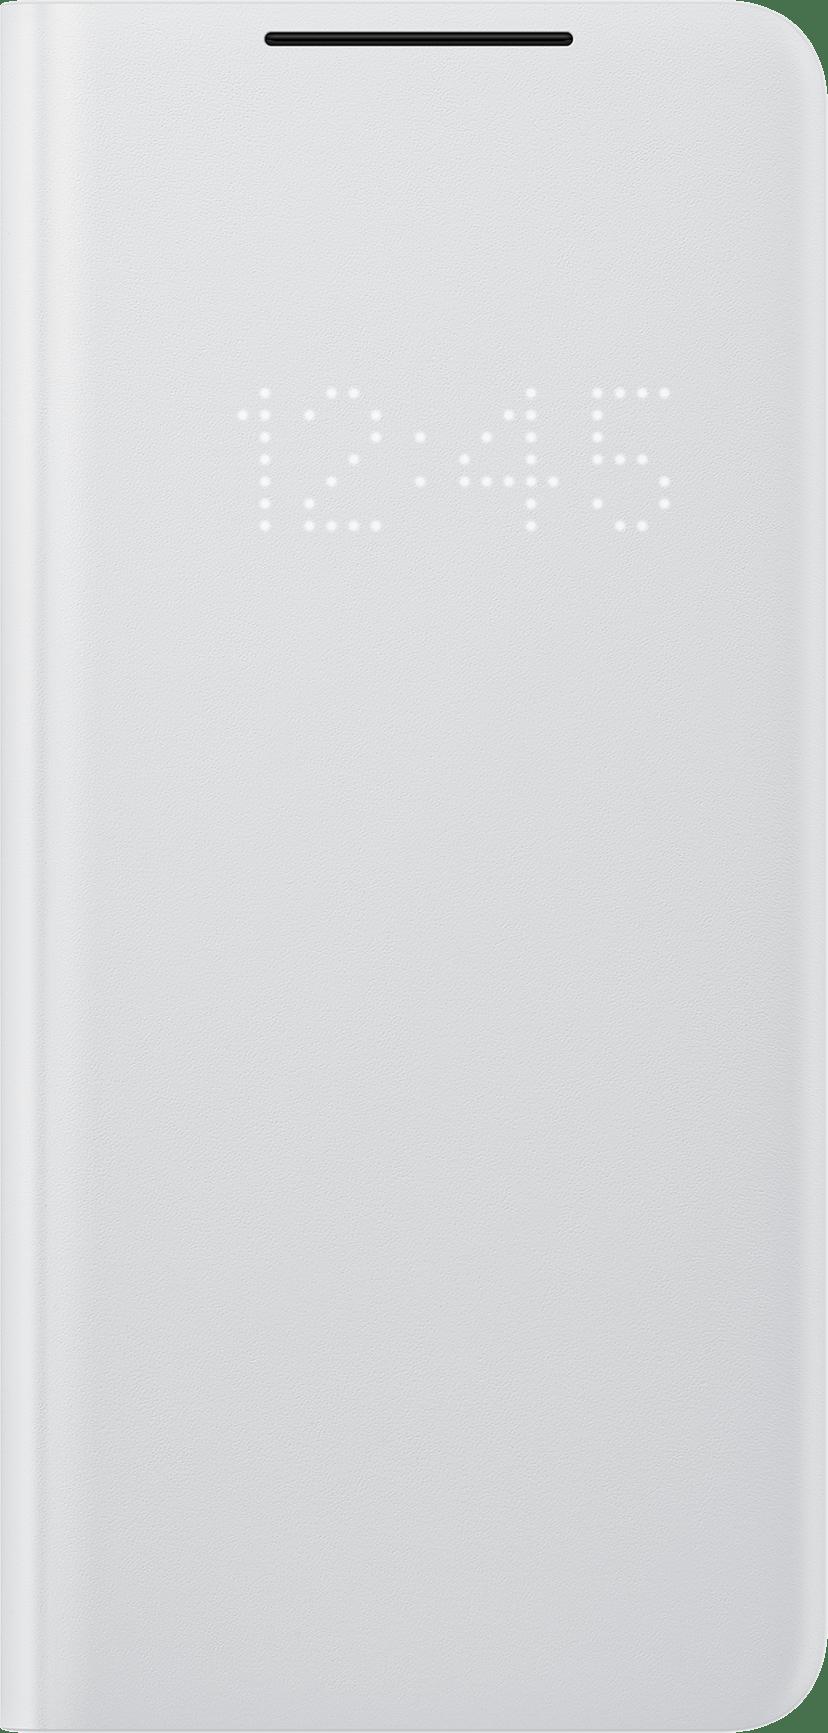 Samsung Smart LED View Cover EF-NG998 Ljusgrå Samsung Galaxy S21 Ultra